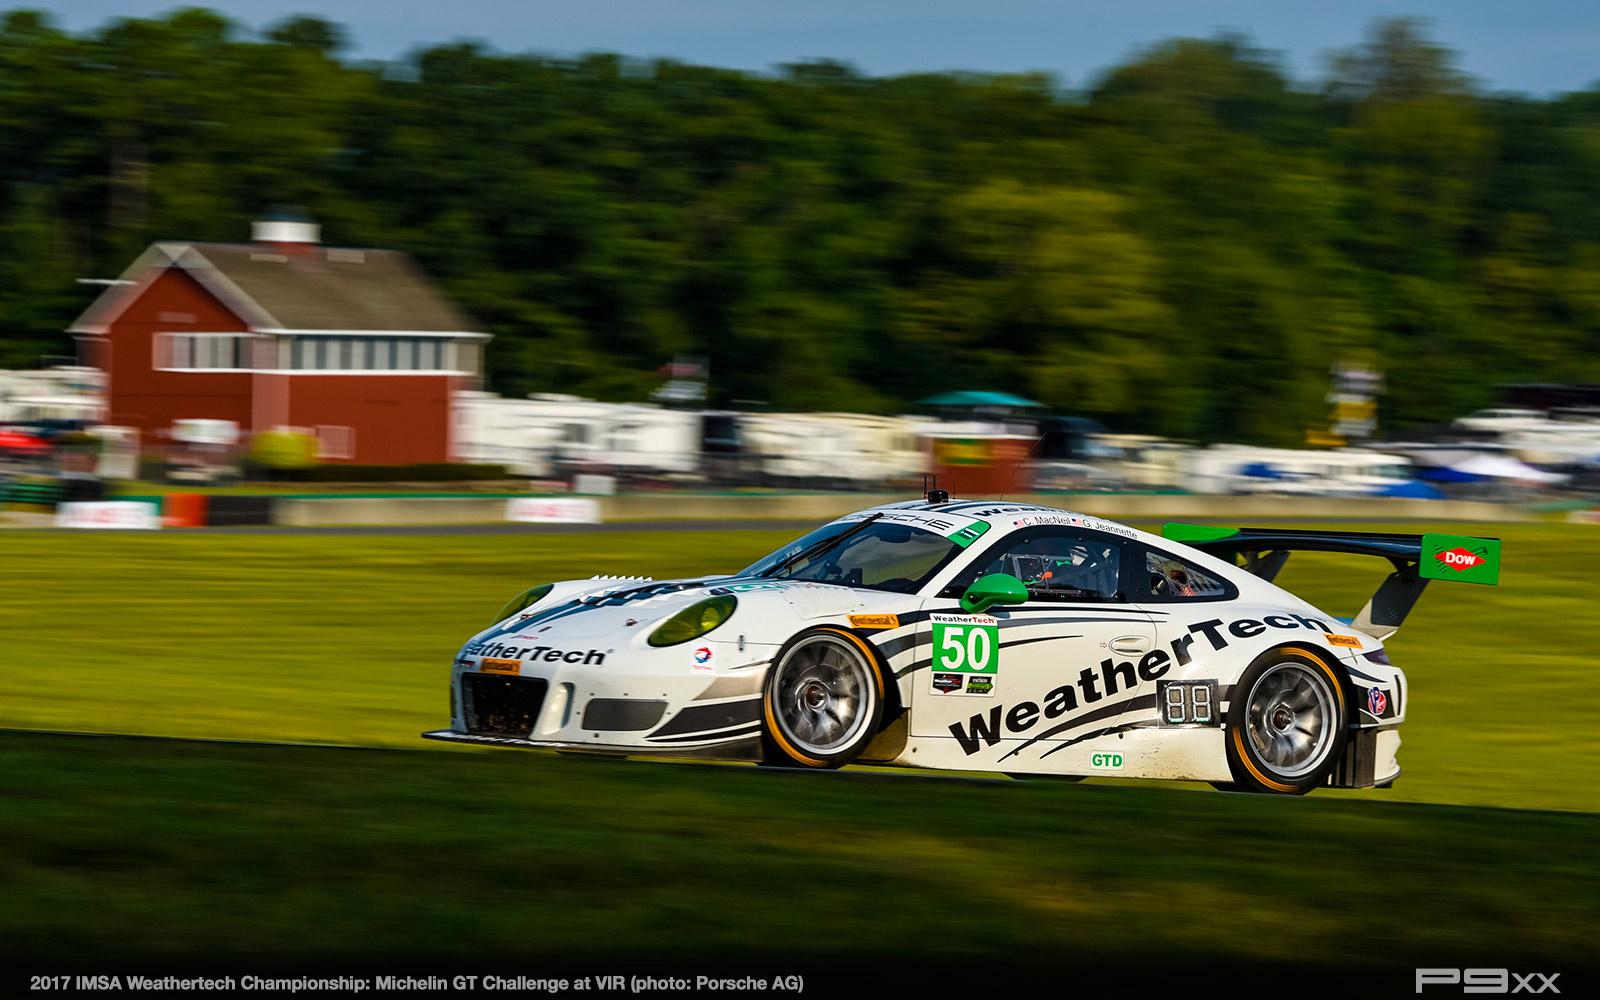 2017-IMSA-Weathertech-VIR-Porsche-387